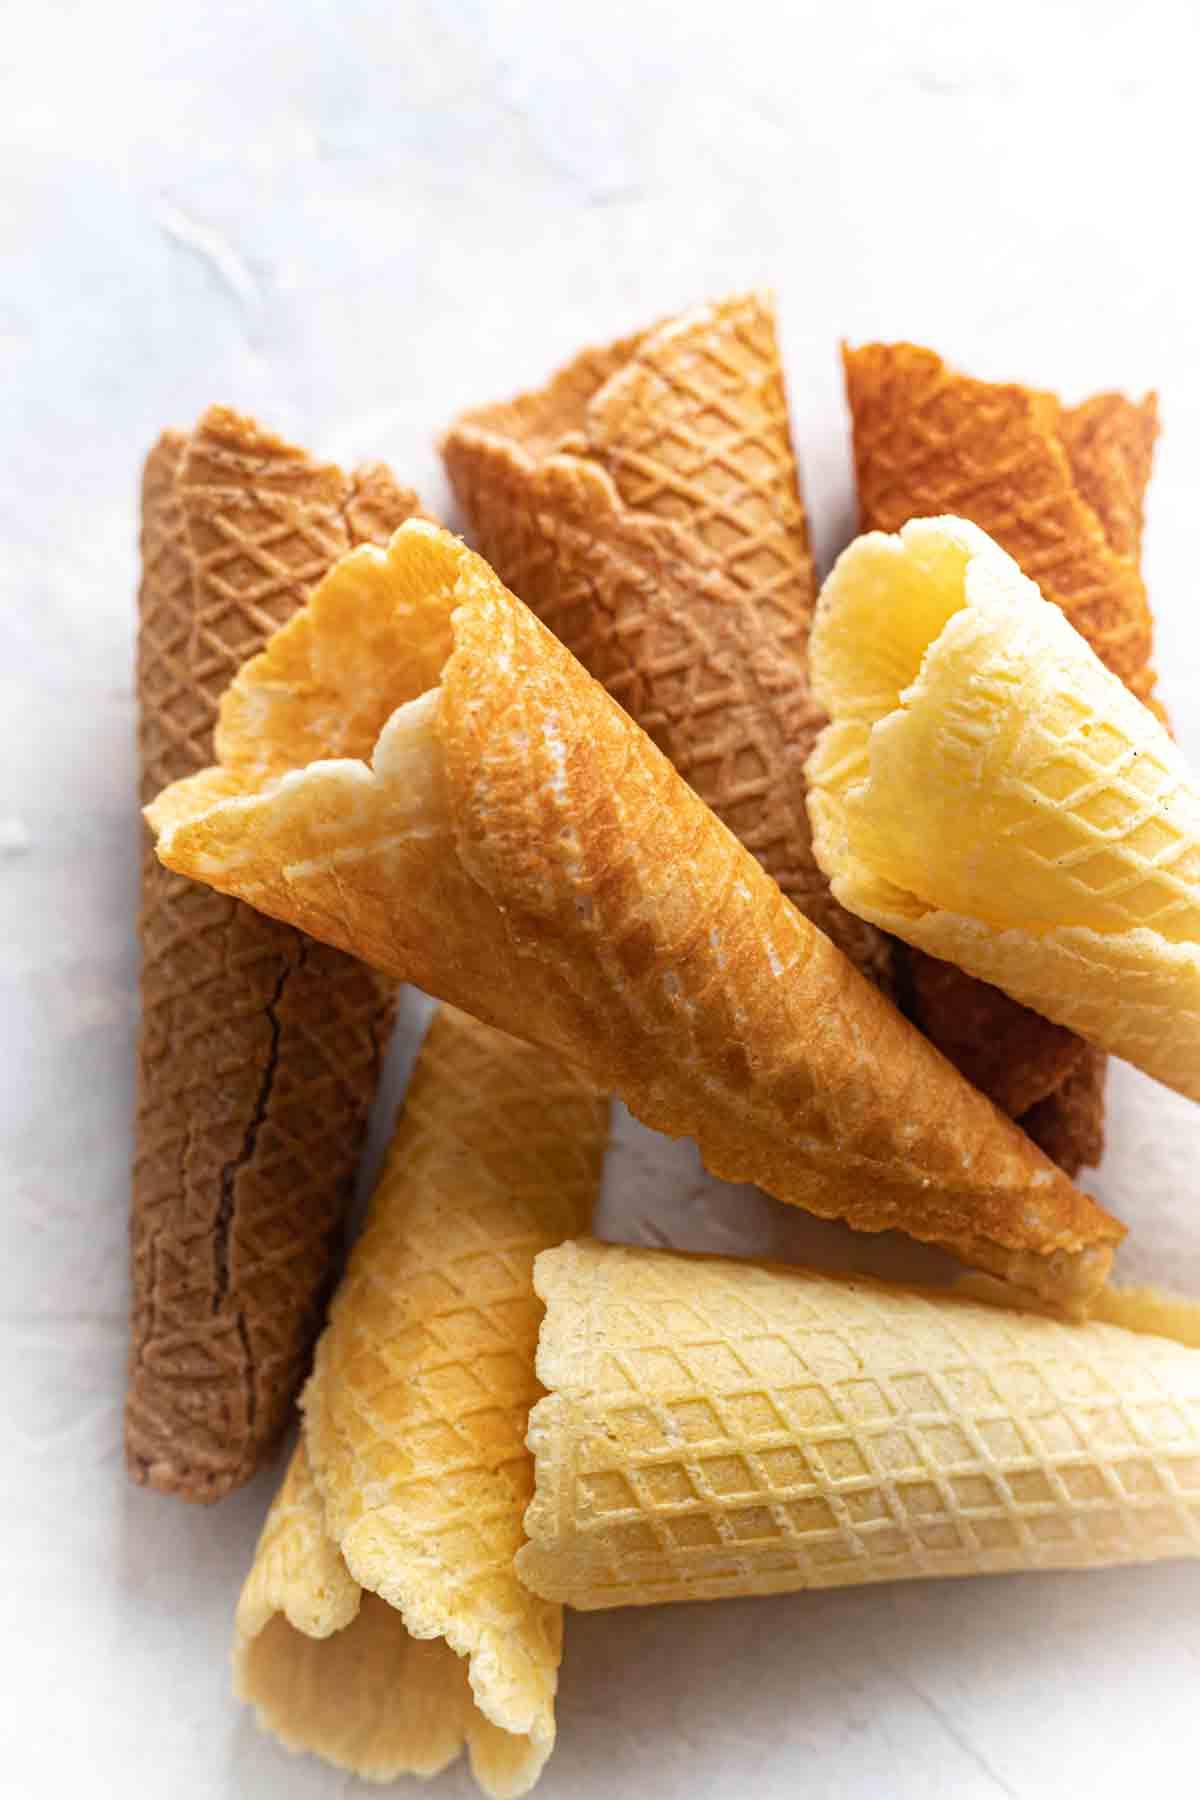 No Sugar Ice Cream Cones on a white board